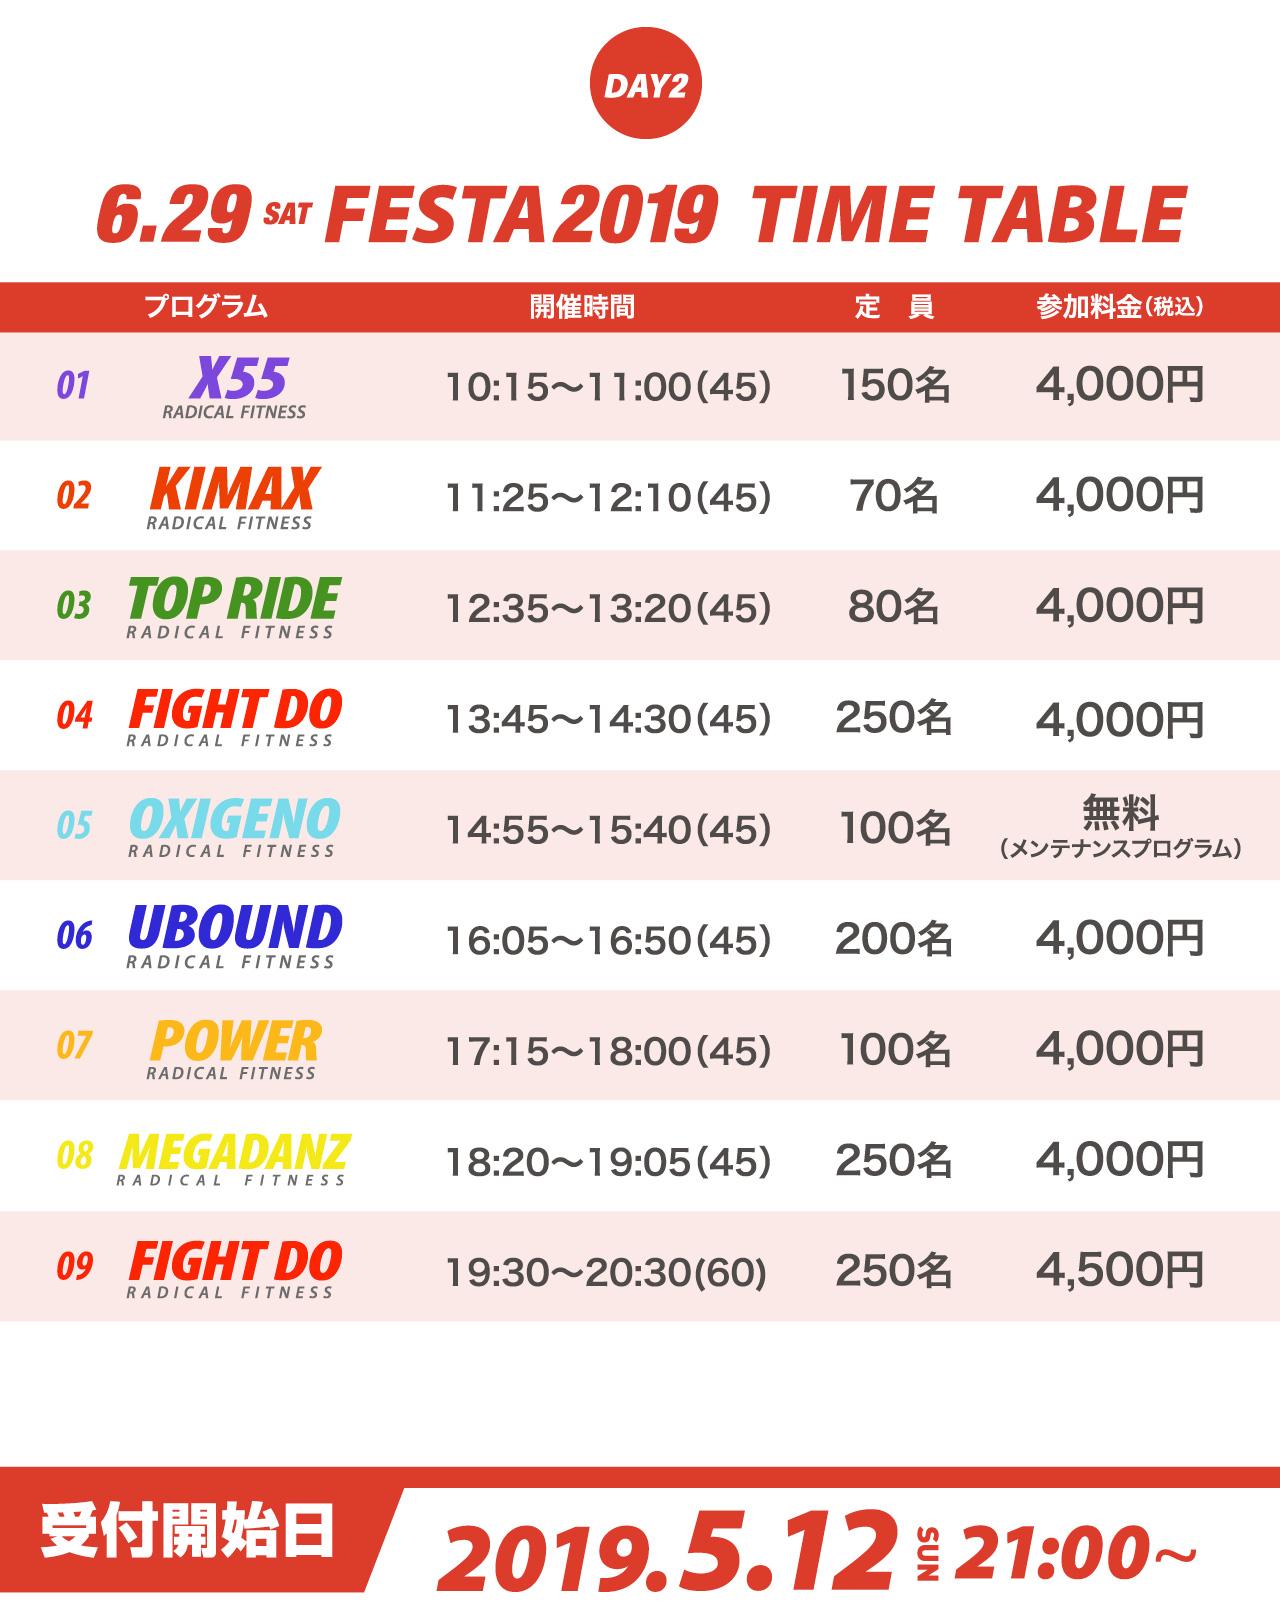 5.12 SATTIME TABLEfesta2019